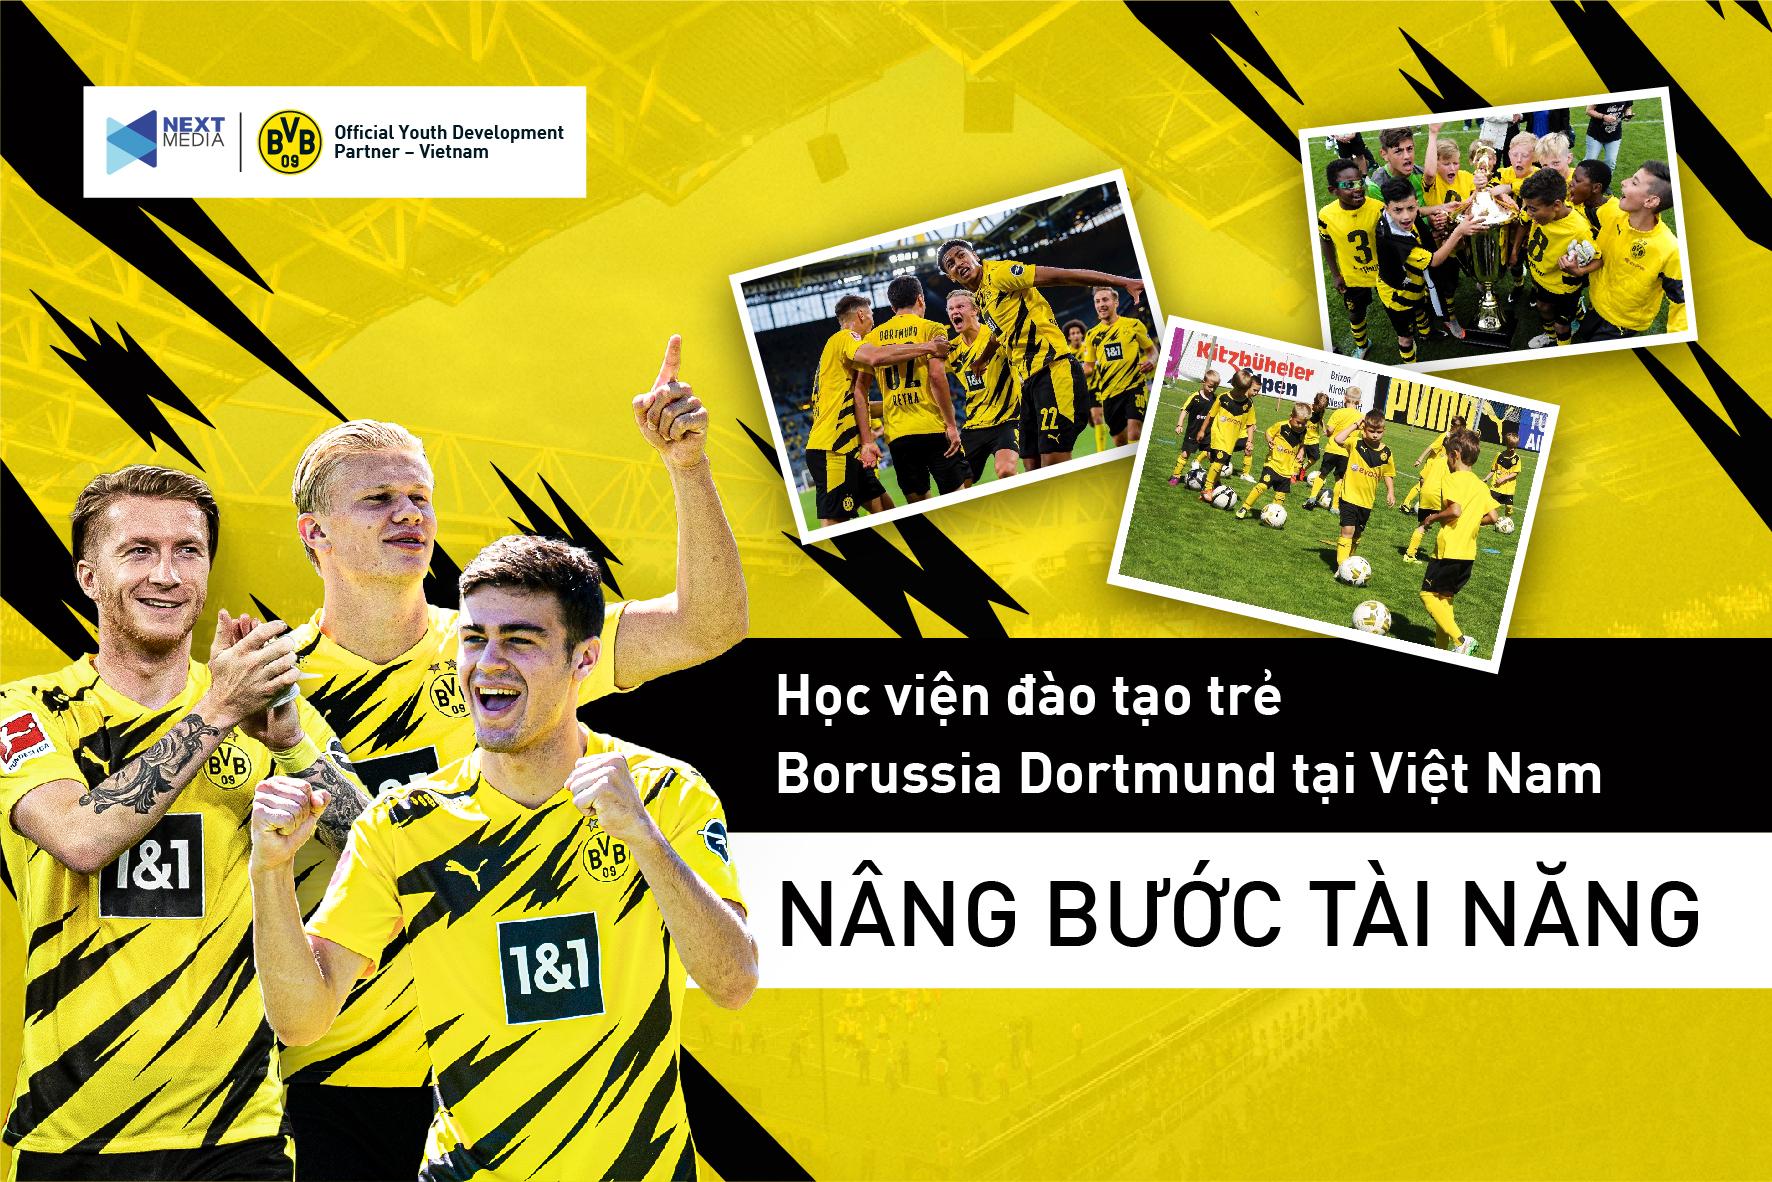 Next Media hợp tác với Borussia Dortmund mở học viện đào tạo trẻ tại Việt Nam